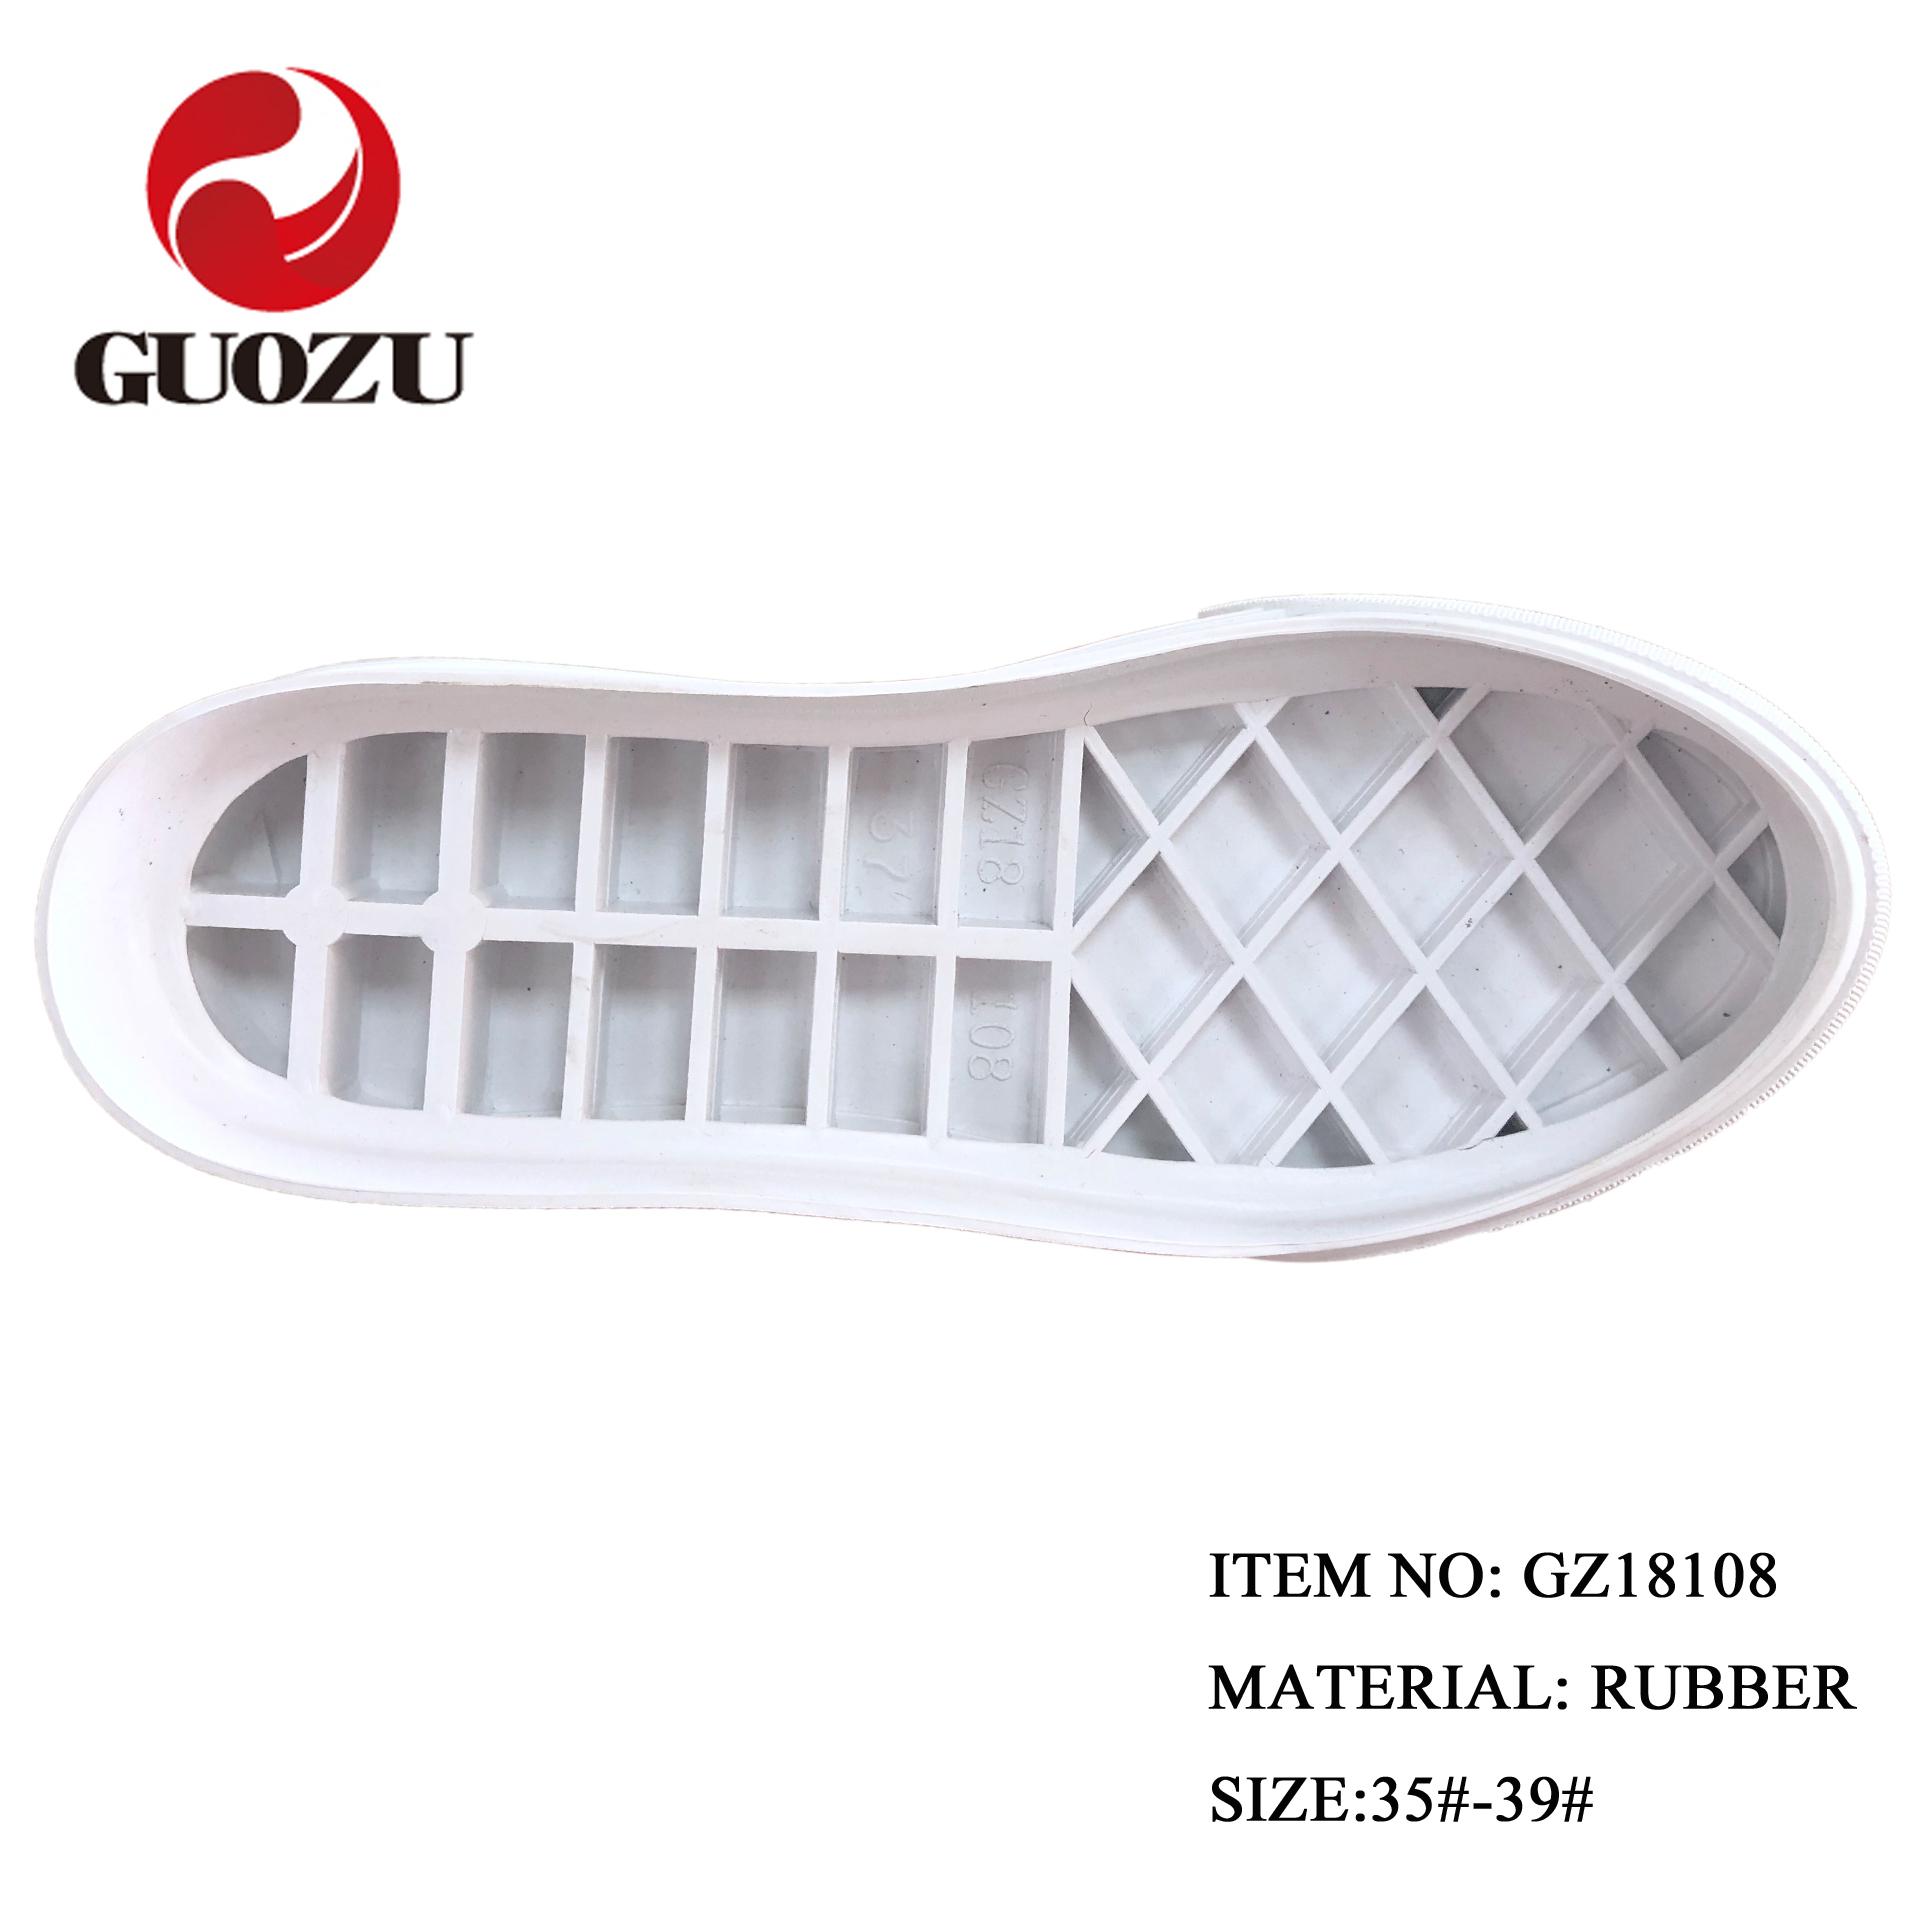 sneaker rubber shoe sole for women